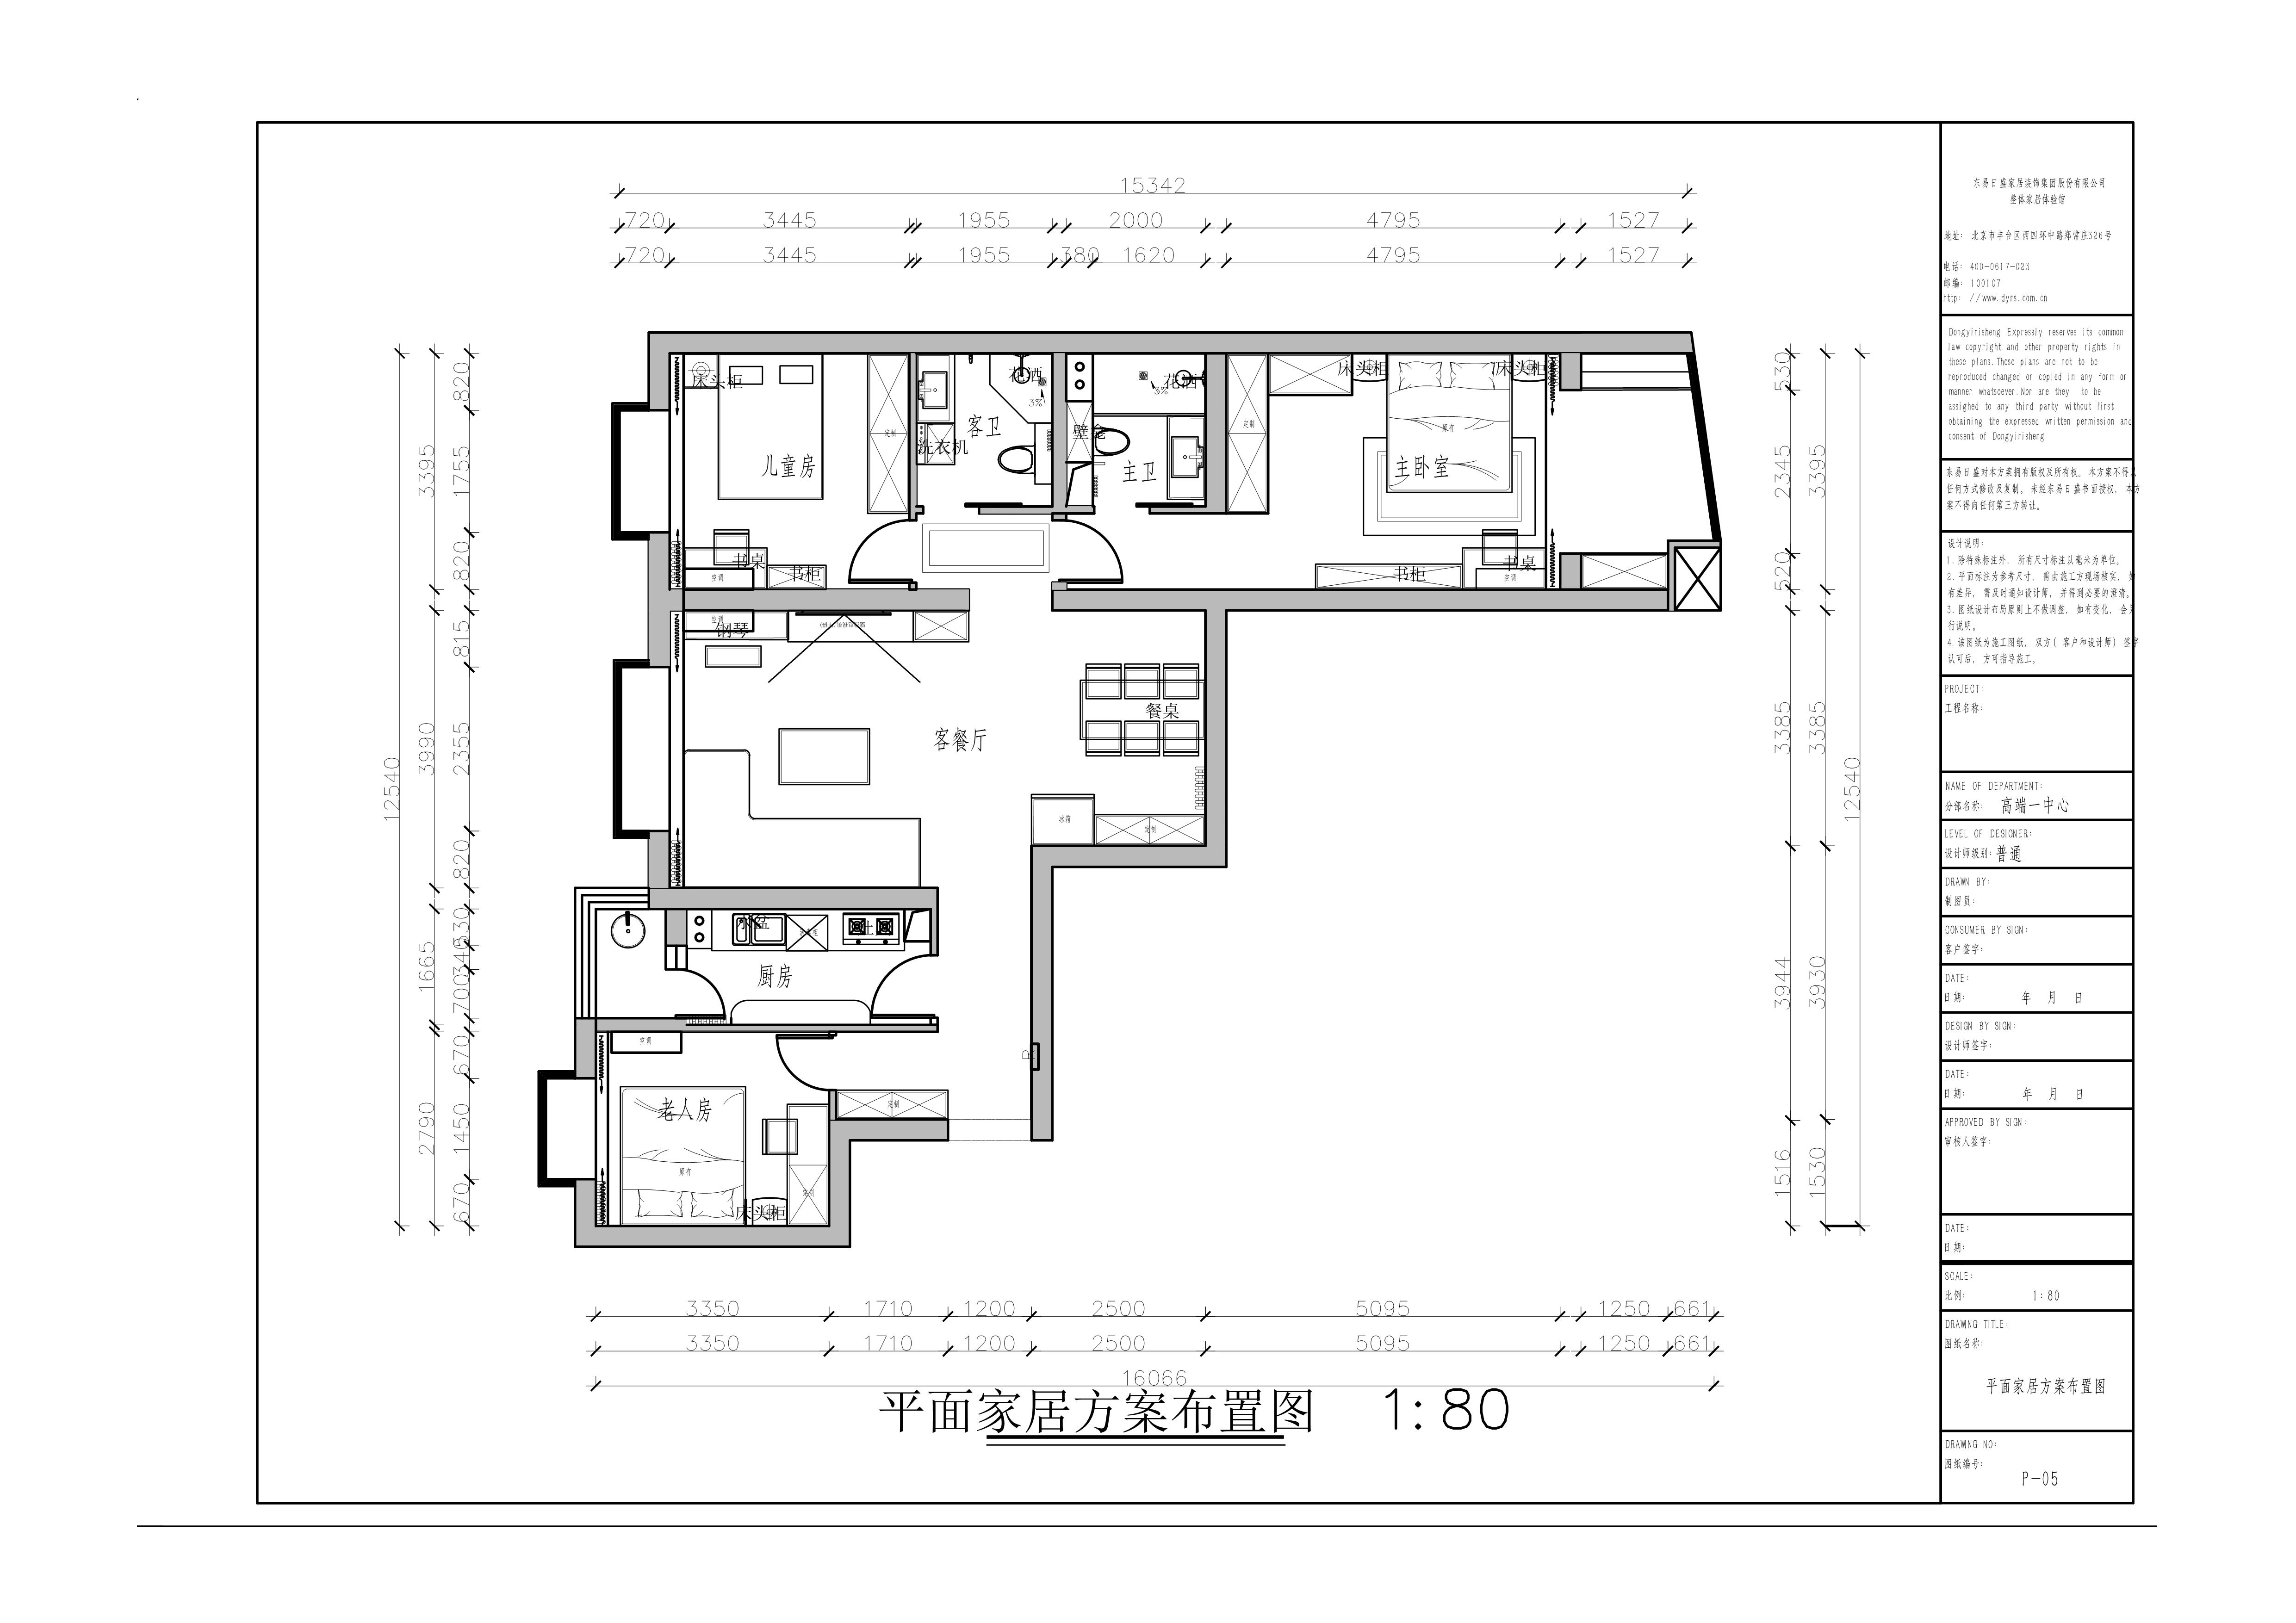 清枫华景园-110平米-现代简约风格装修案例装修设计理念